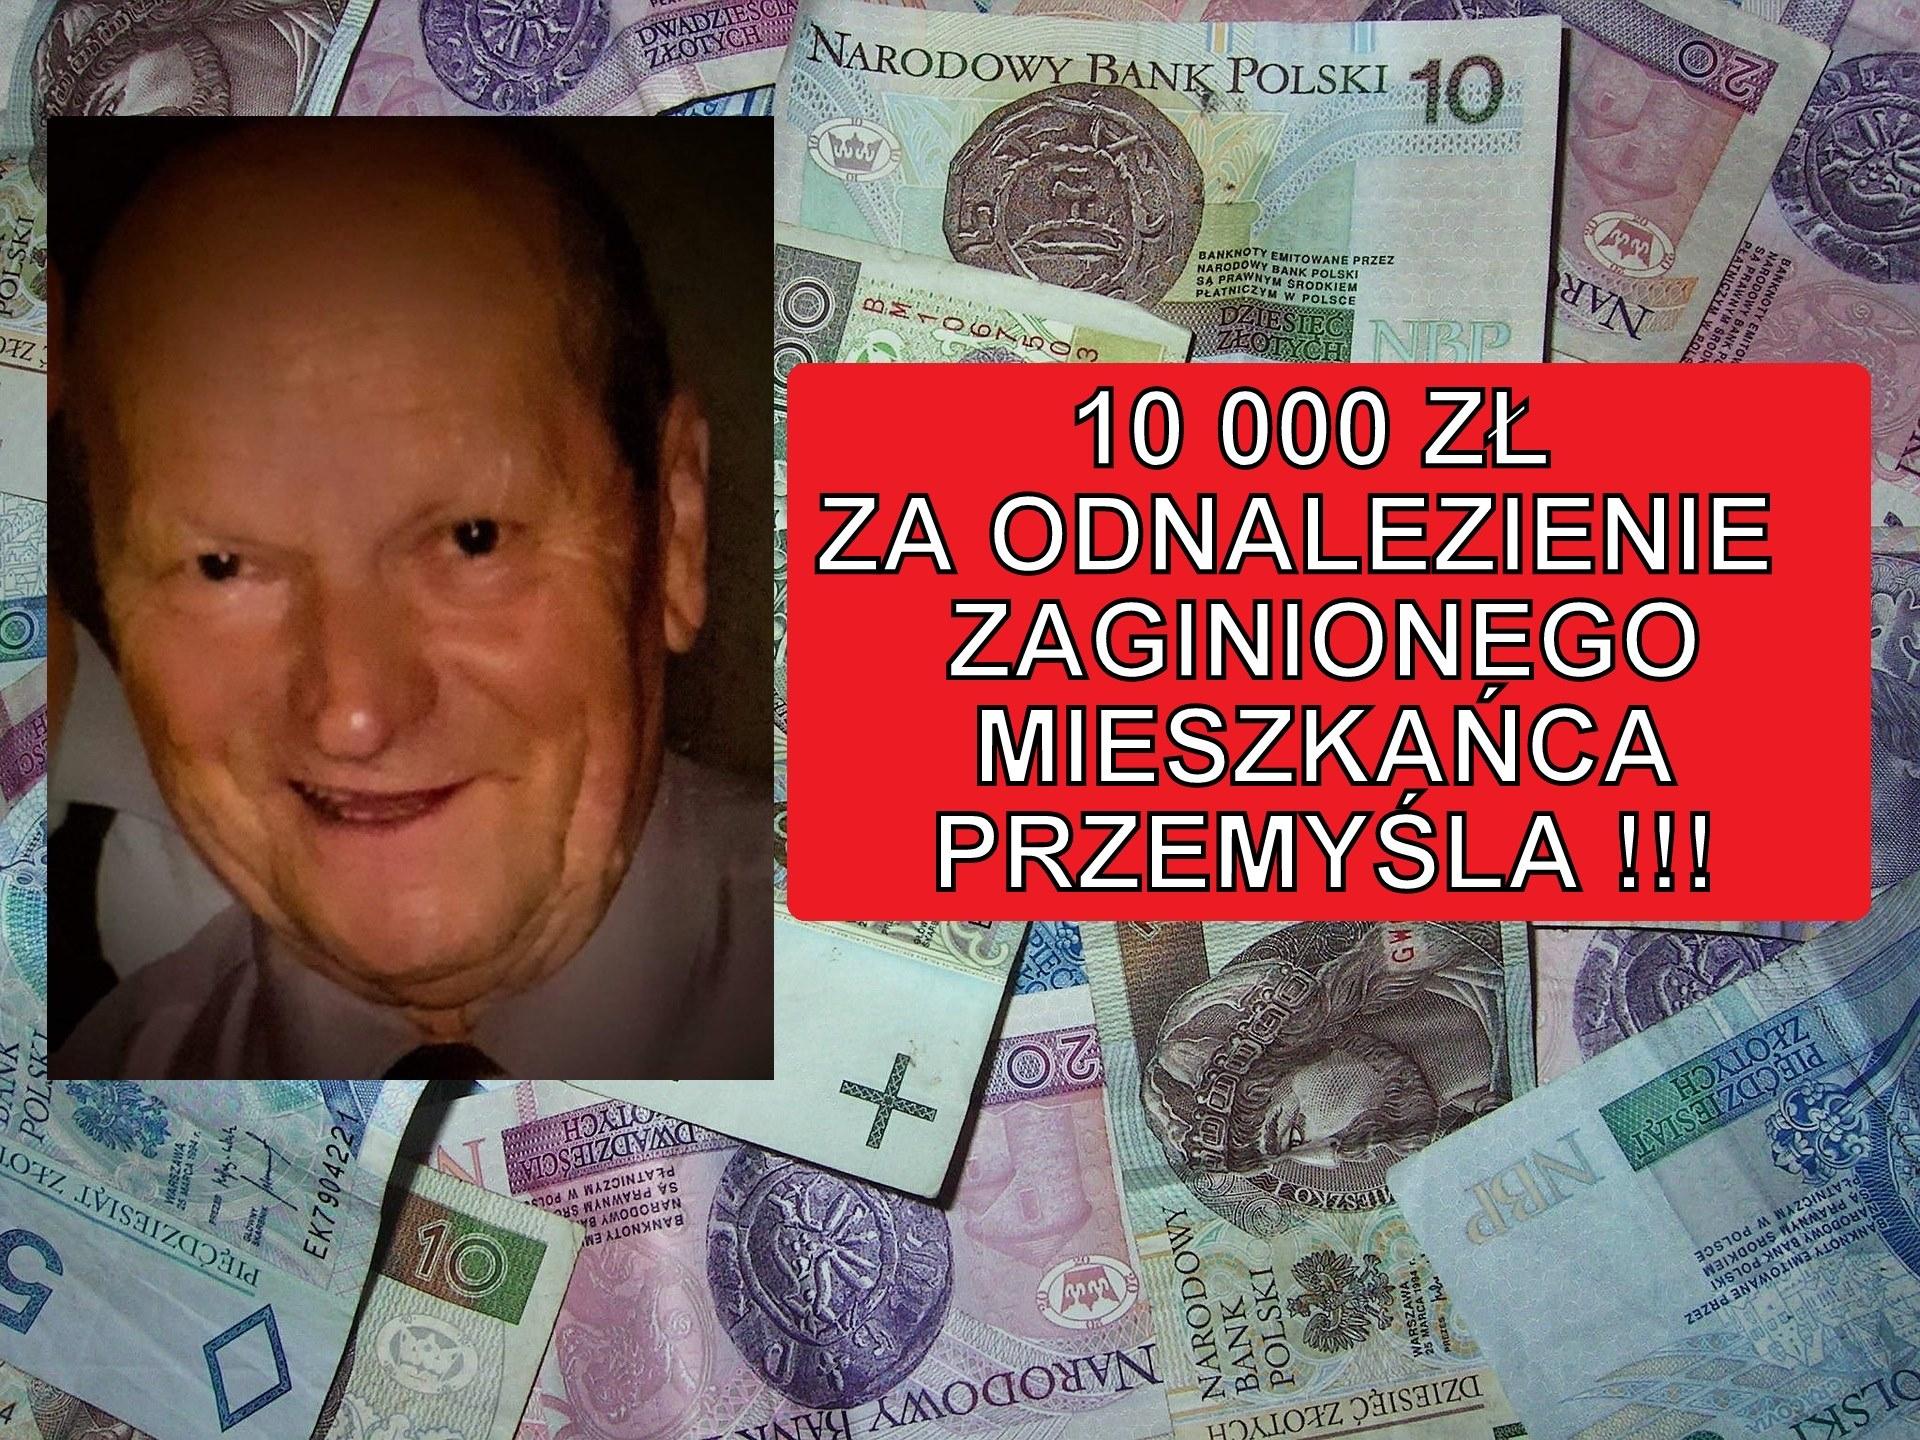 Jest nagroda pieniężna za pomoc w odnalezieniu zaginionego mieszkańca Przemyśla! - Zdjęcie główne